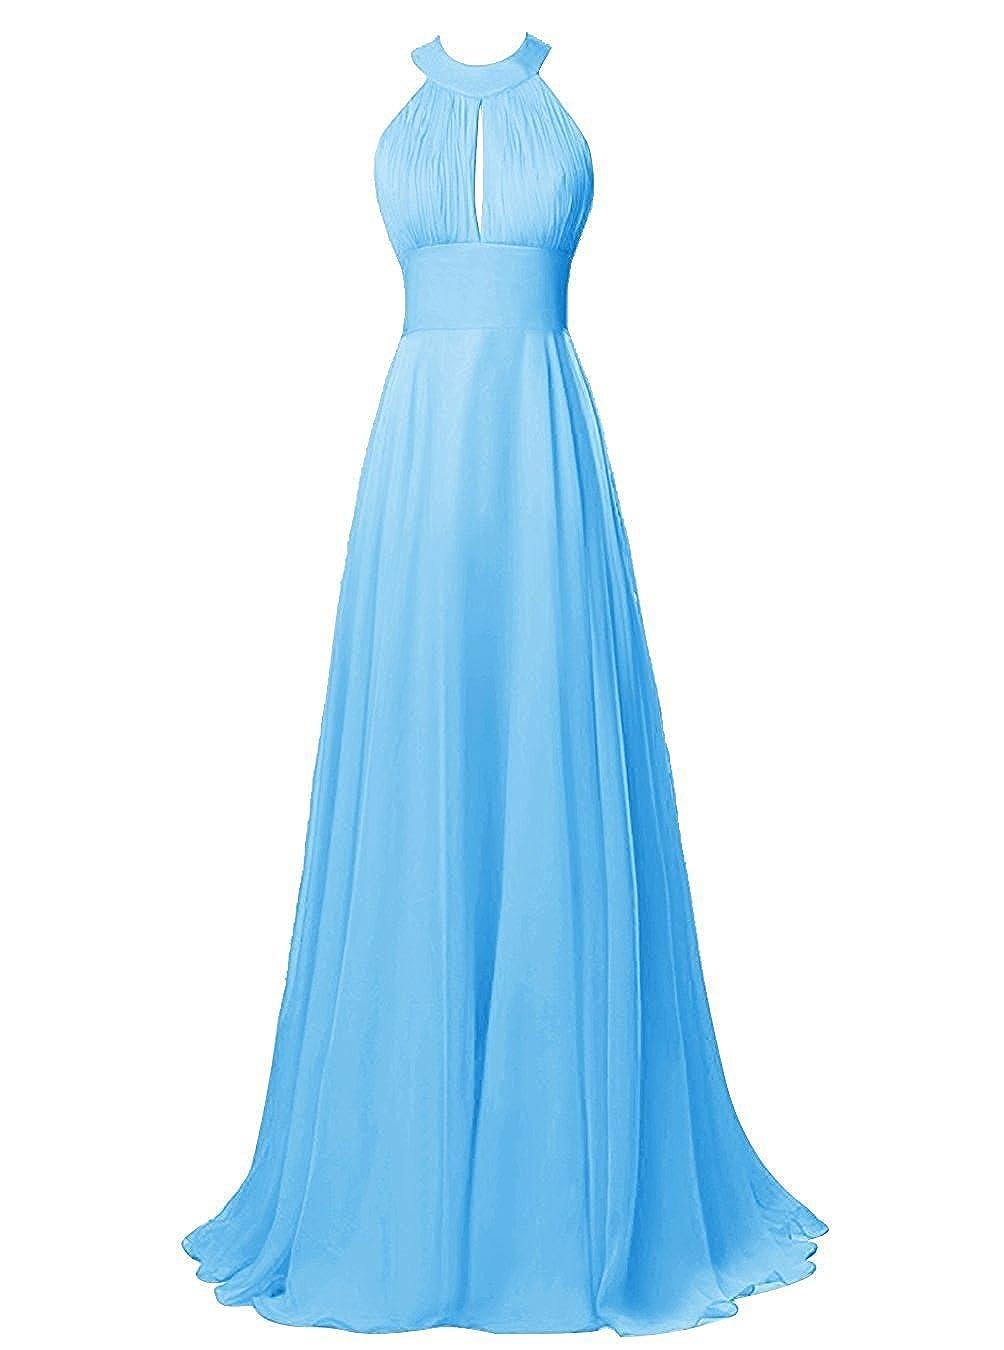 Judy Ellen Women Sleeveless A Line Long Evening Dress Prom Gown J105LF